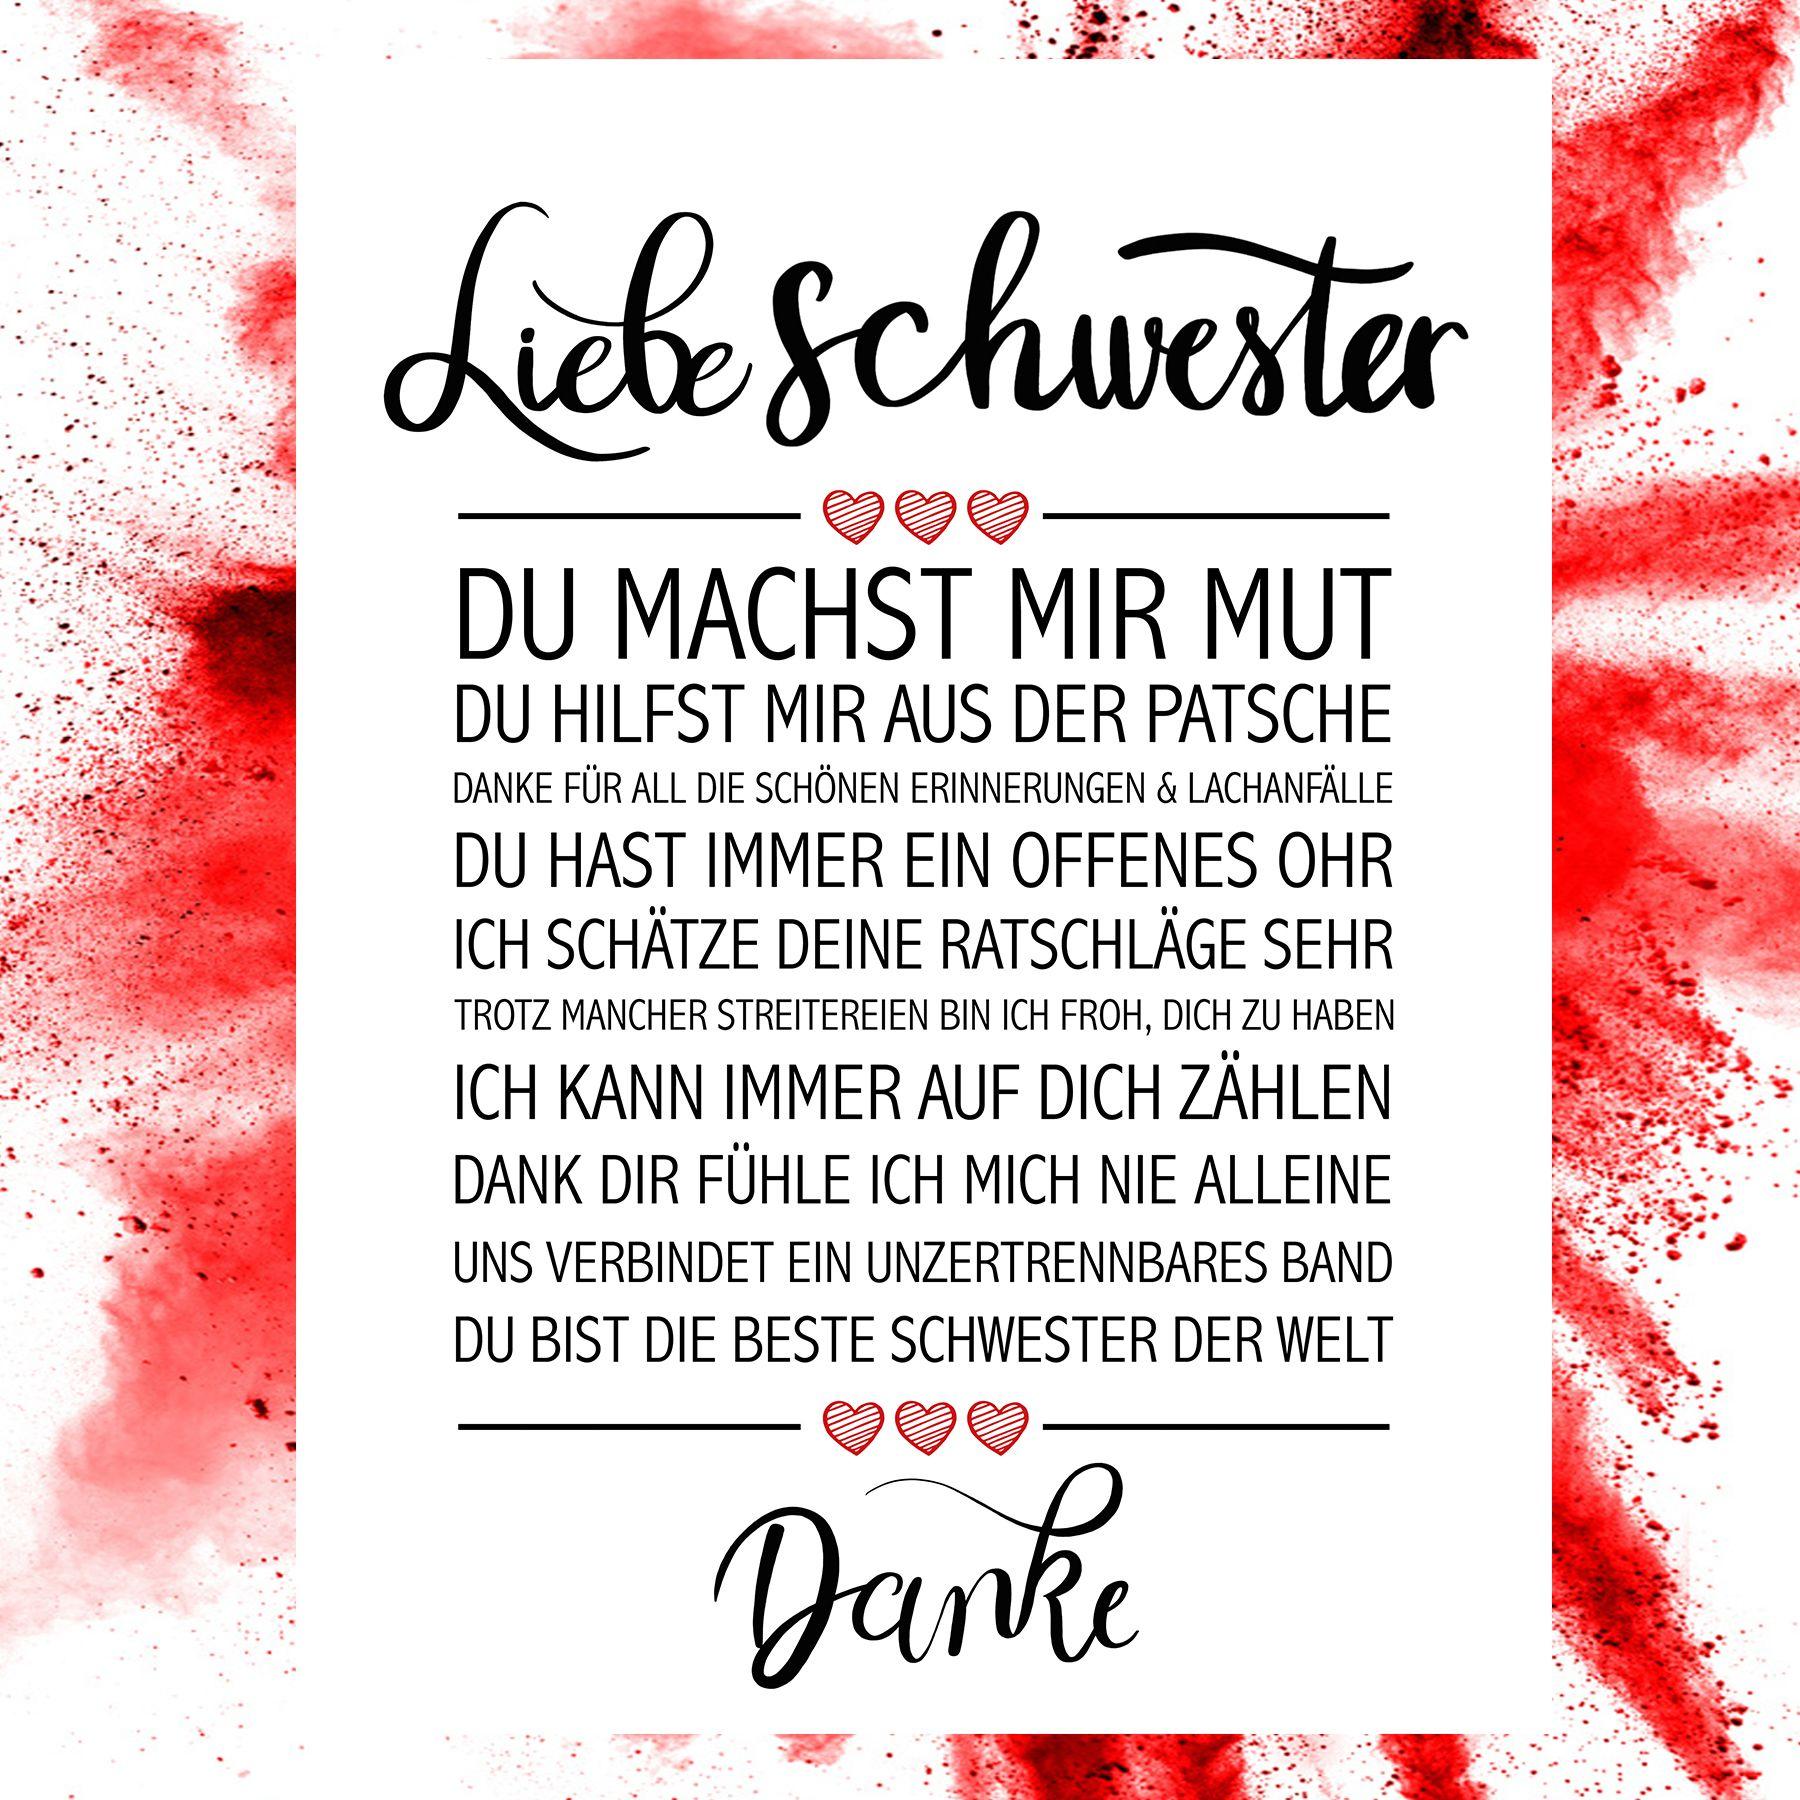 Liebe Schwester Kunstdruck Beste Kollegin Geburtstag Schwester